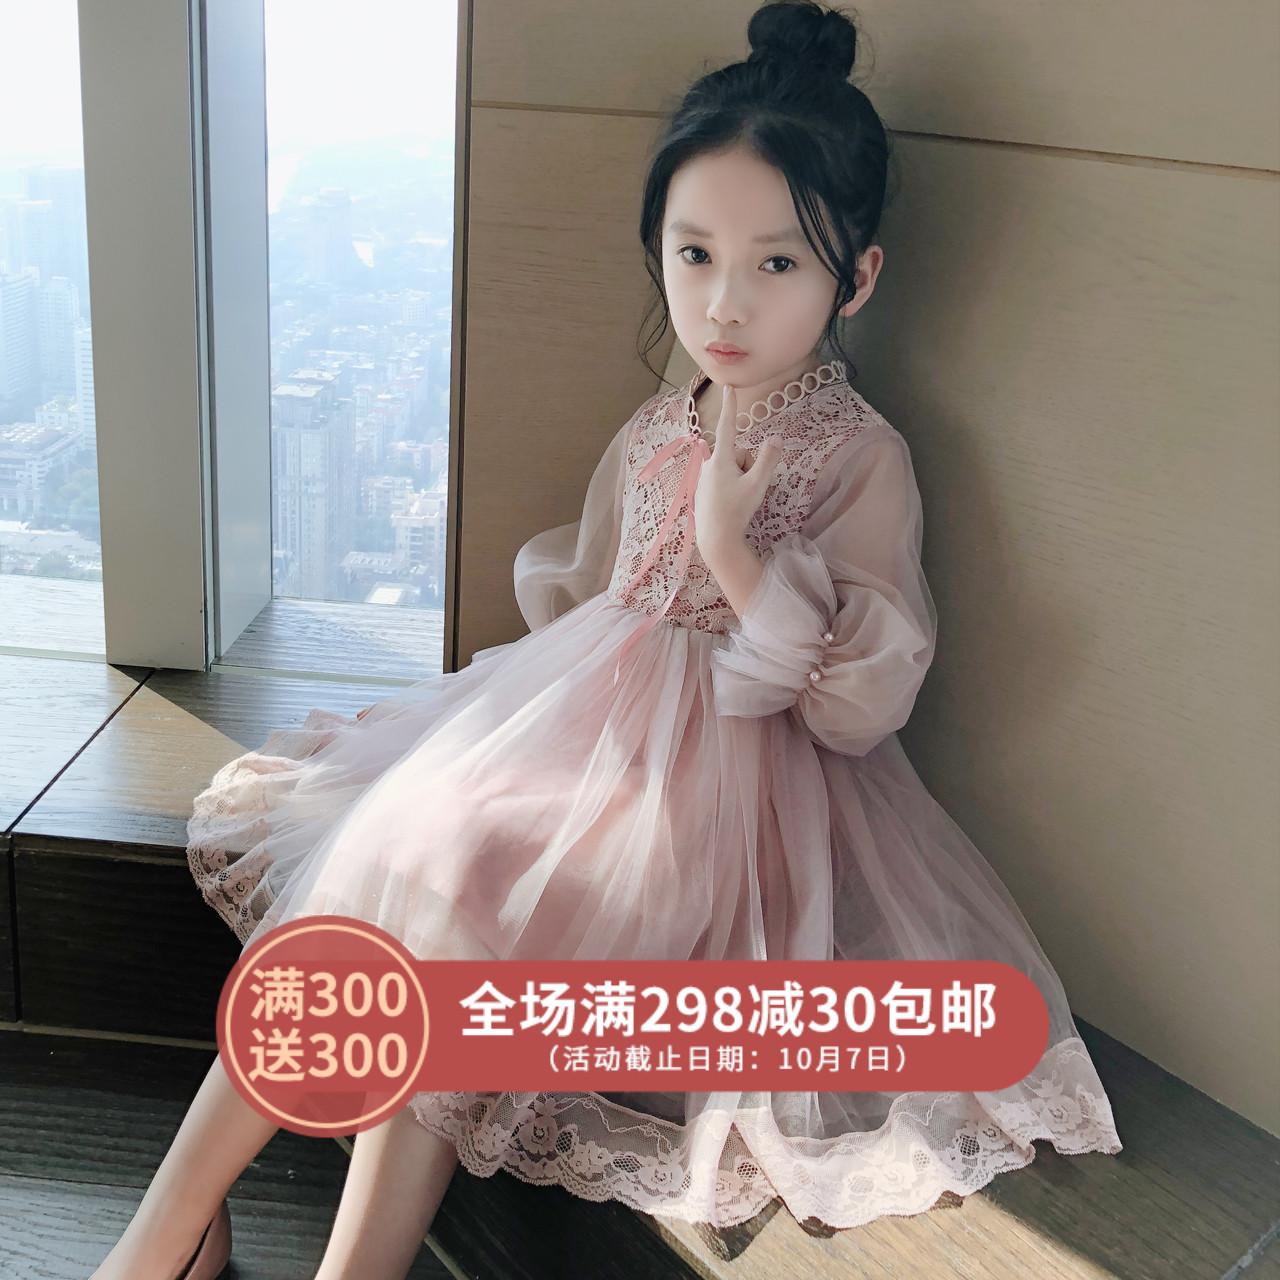 女童春秋装连衣裙2018新款儿童装裙子洋气长袖韩版纱裙宝宝公主裙